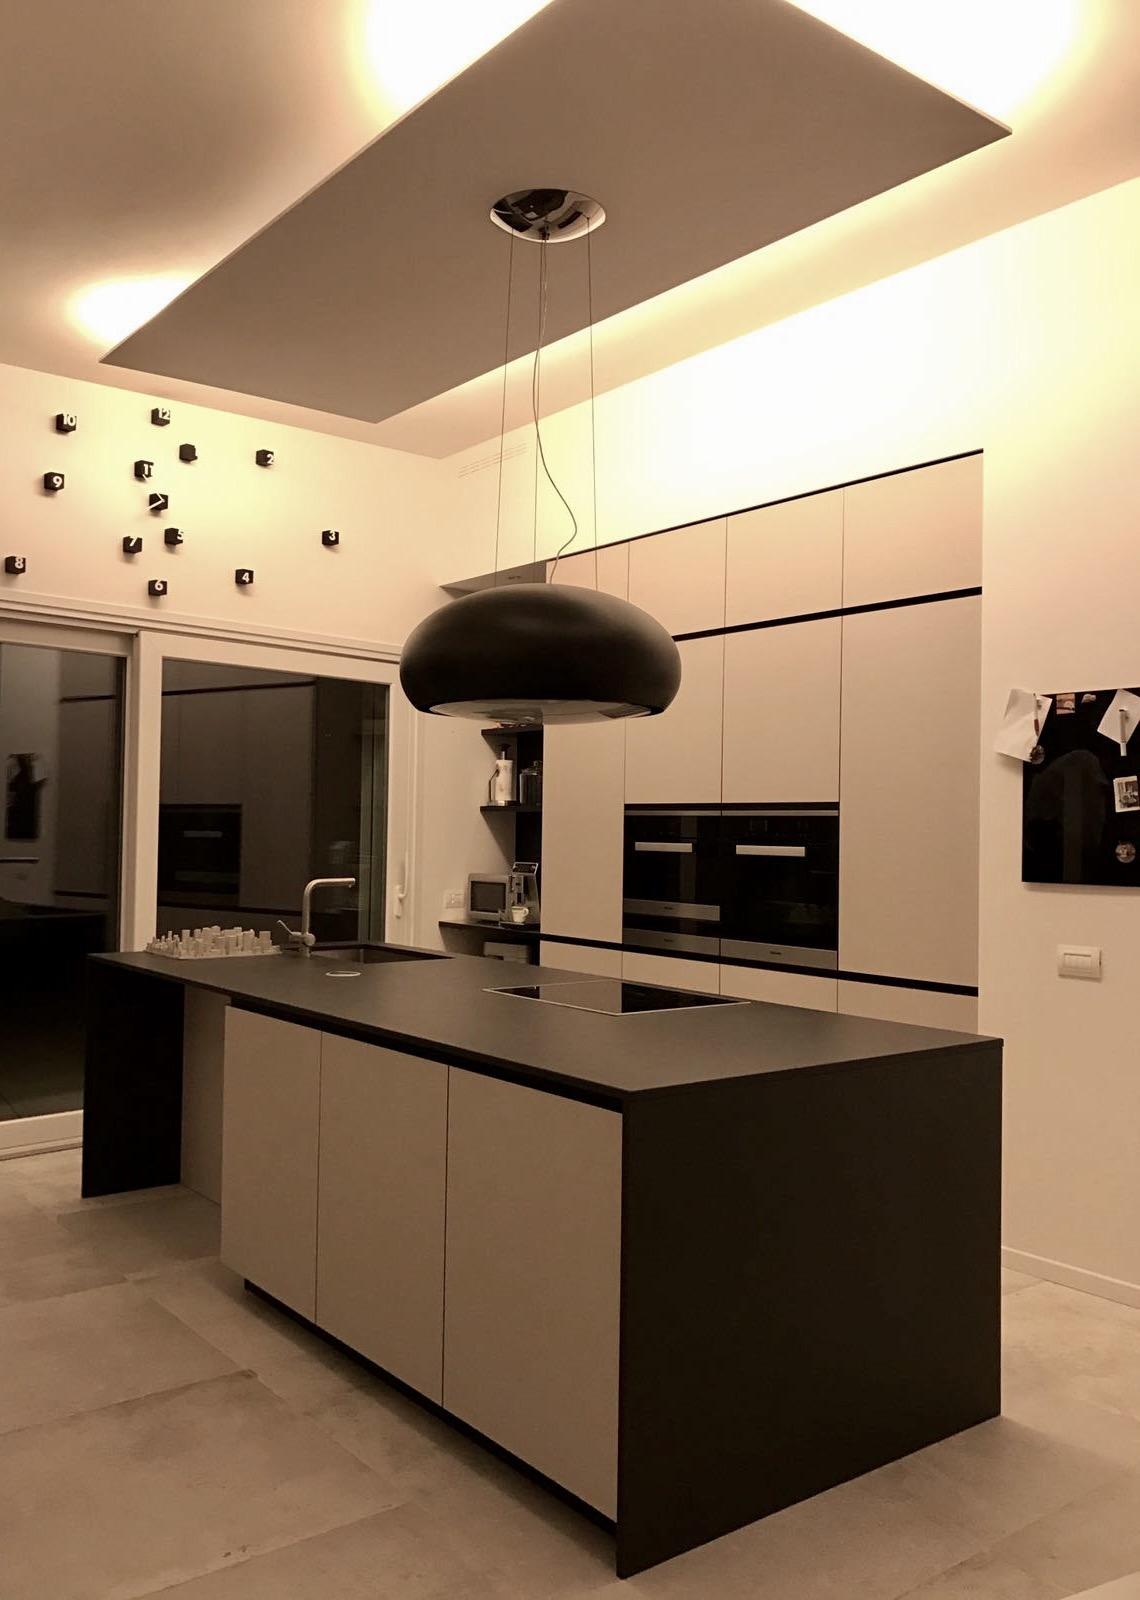 Del fabbro arredamenti a casa di arredatori dal 1920 - Piano cucina in dekton ...